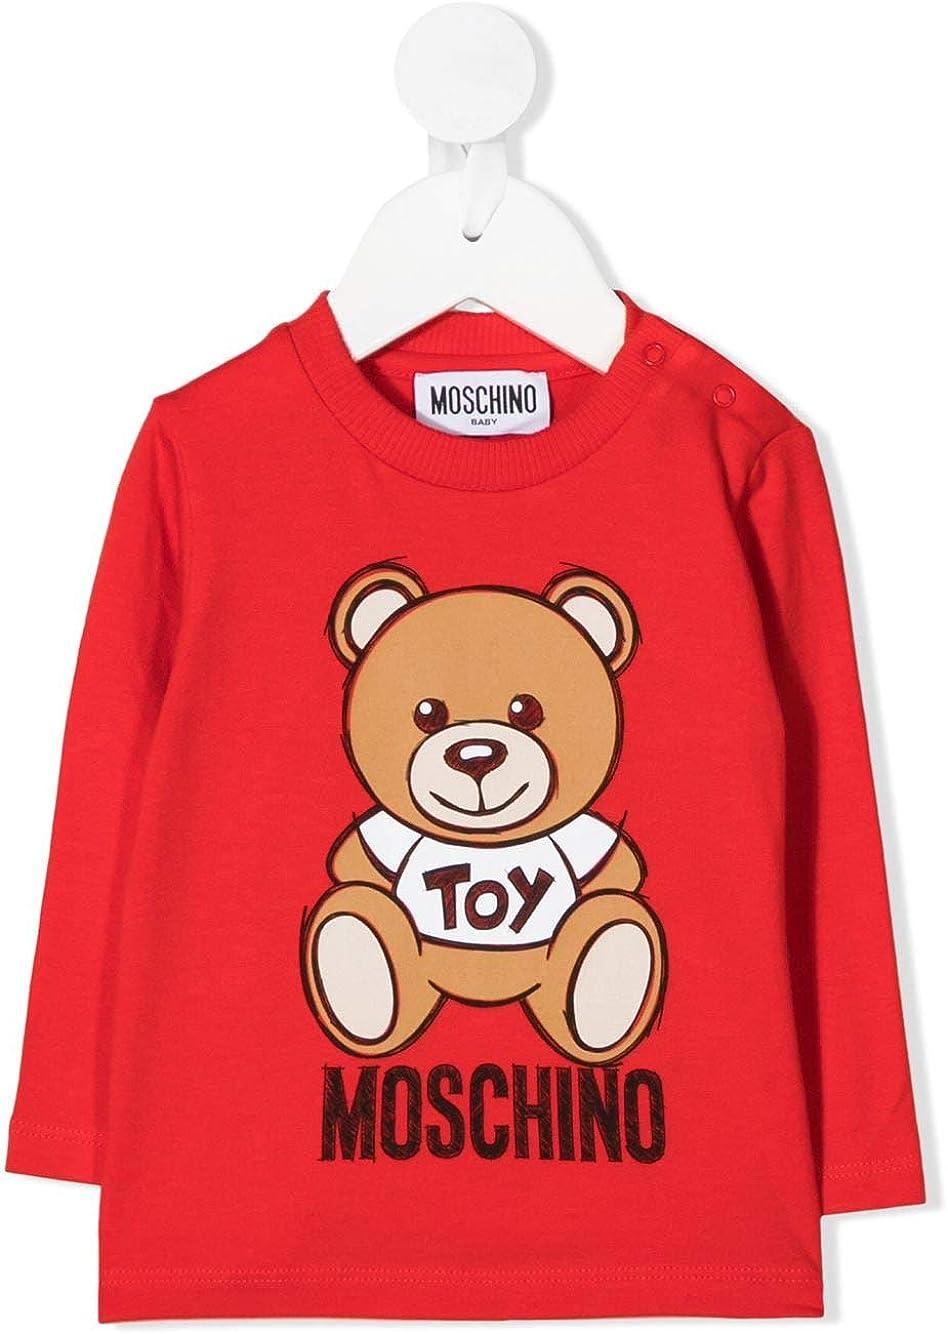 MOSCHINO BABY Maglia MVO000LBA11 Rossa Teddy Disegnato Autunno Inverno 2020 2t